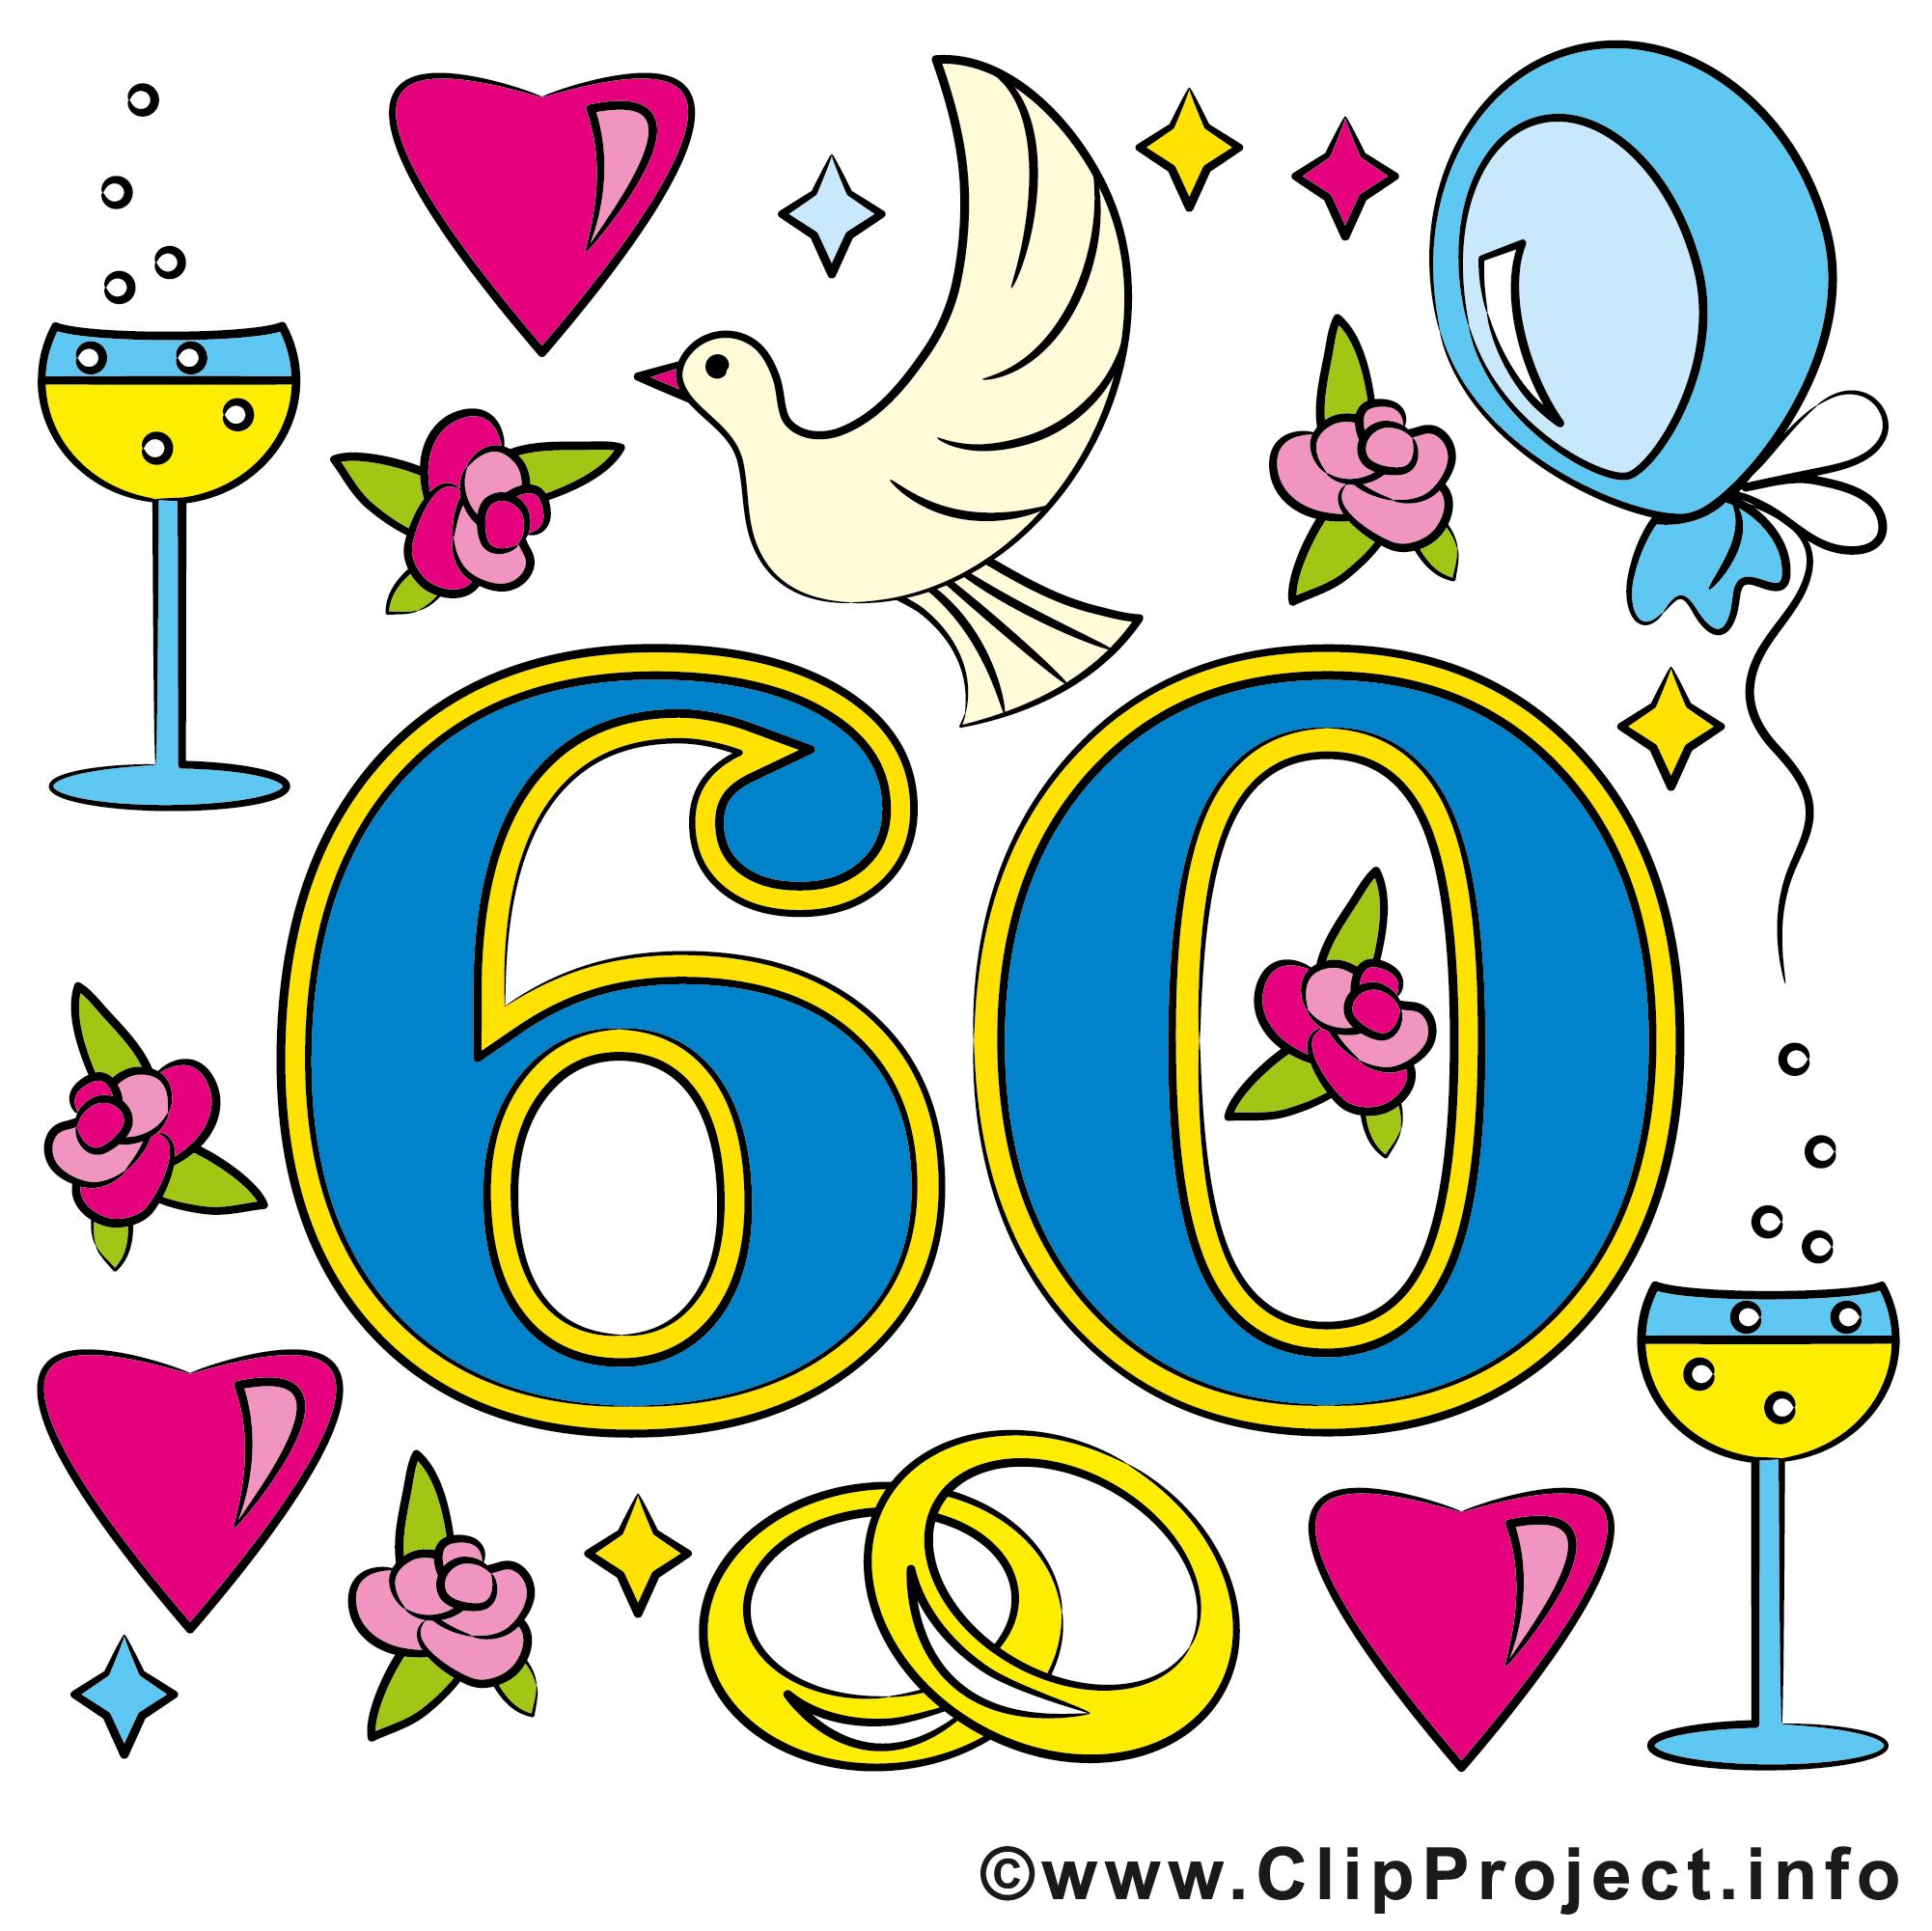 60 ans anniversaire mariage cliparts anniversaires de mariage dessin picture image graphic - Clipart anniversaire 60 ans ...